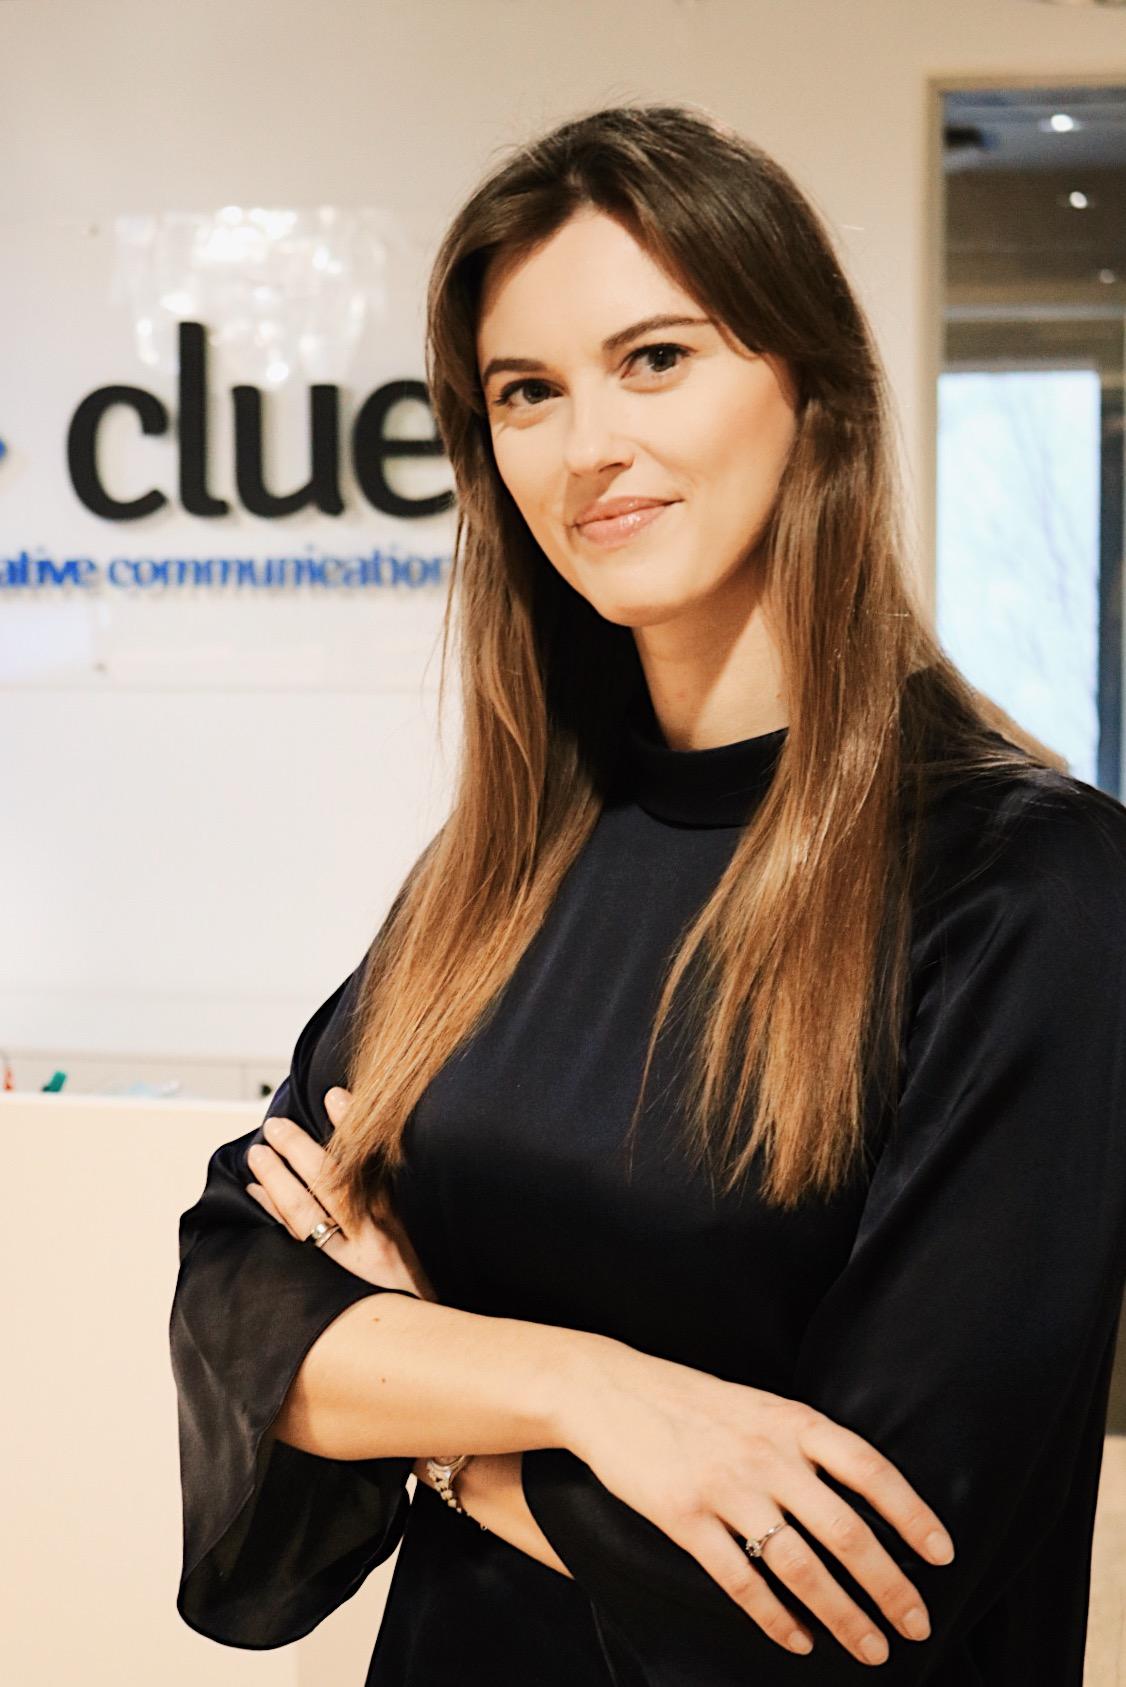 Katarzyna Miklaszewska CluePR